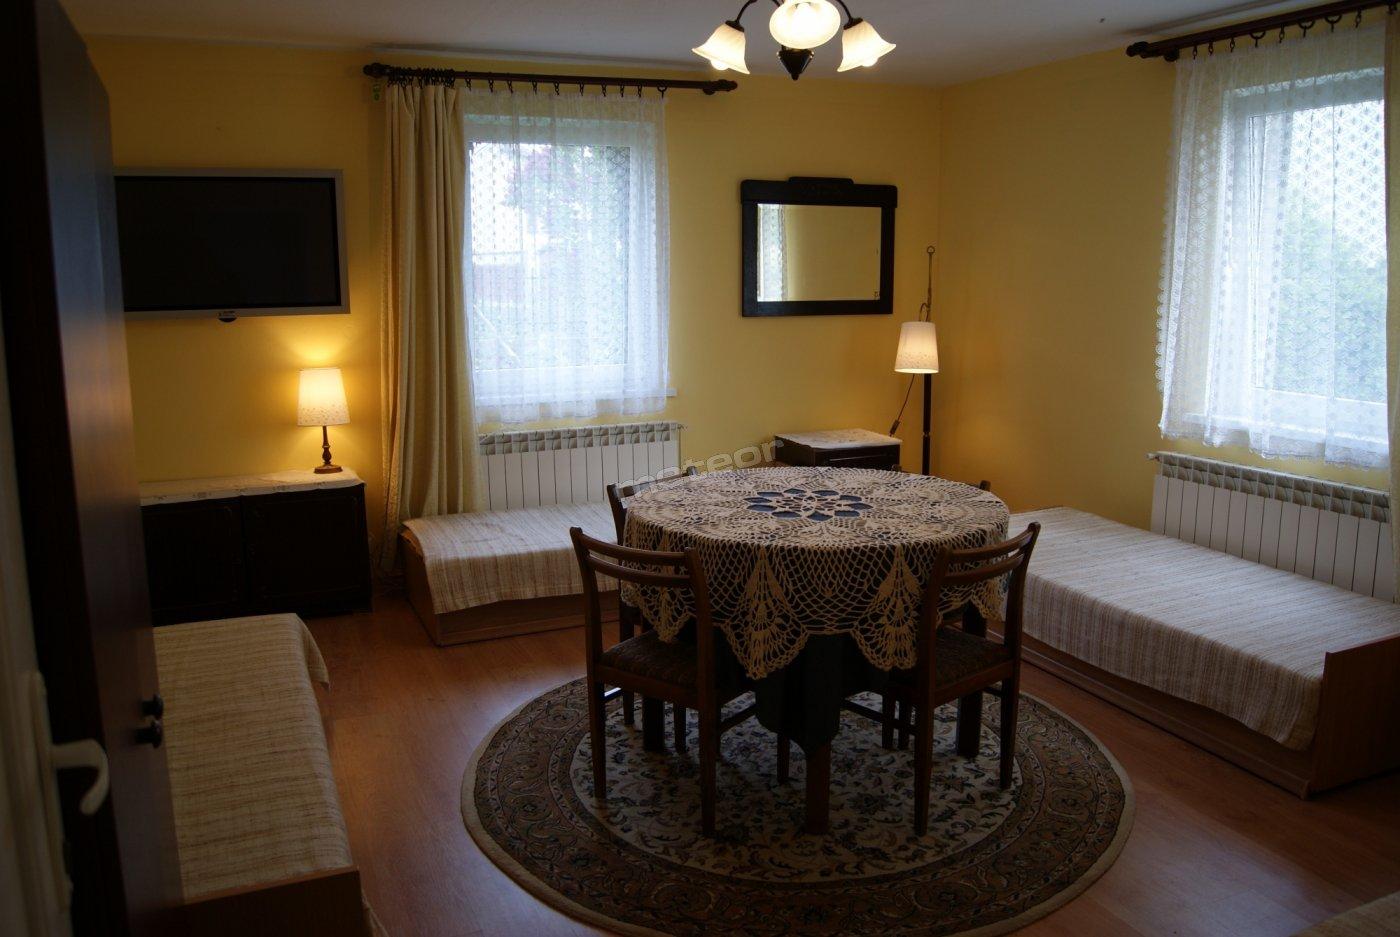 Pokój czteroosobowy w domku.